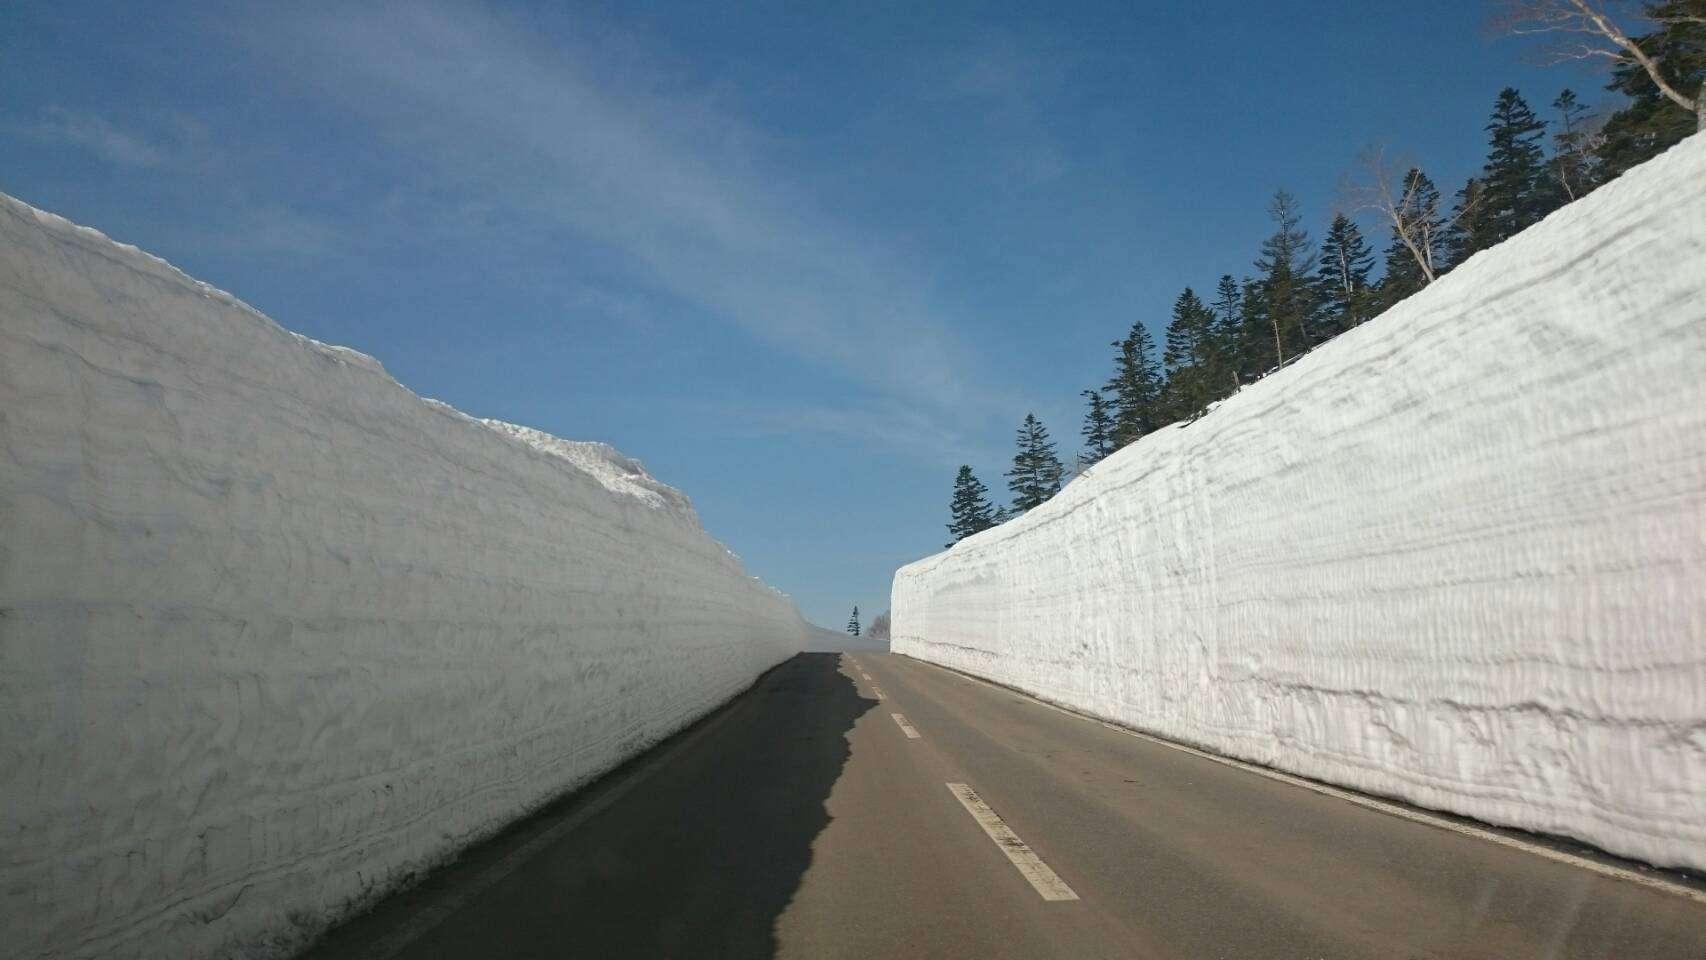 เที่ยว โทโฮคุ ฤดูหนาว ที่ ฮาจิมันไต แอสไปต์ไลน์ (Hachimantai Aspite Line) ในจังหวัดอิวาเตะ